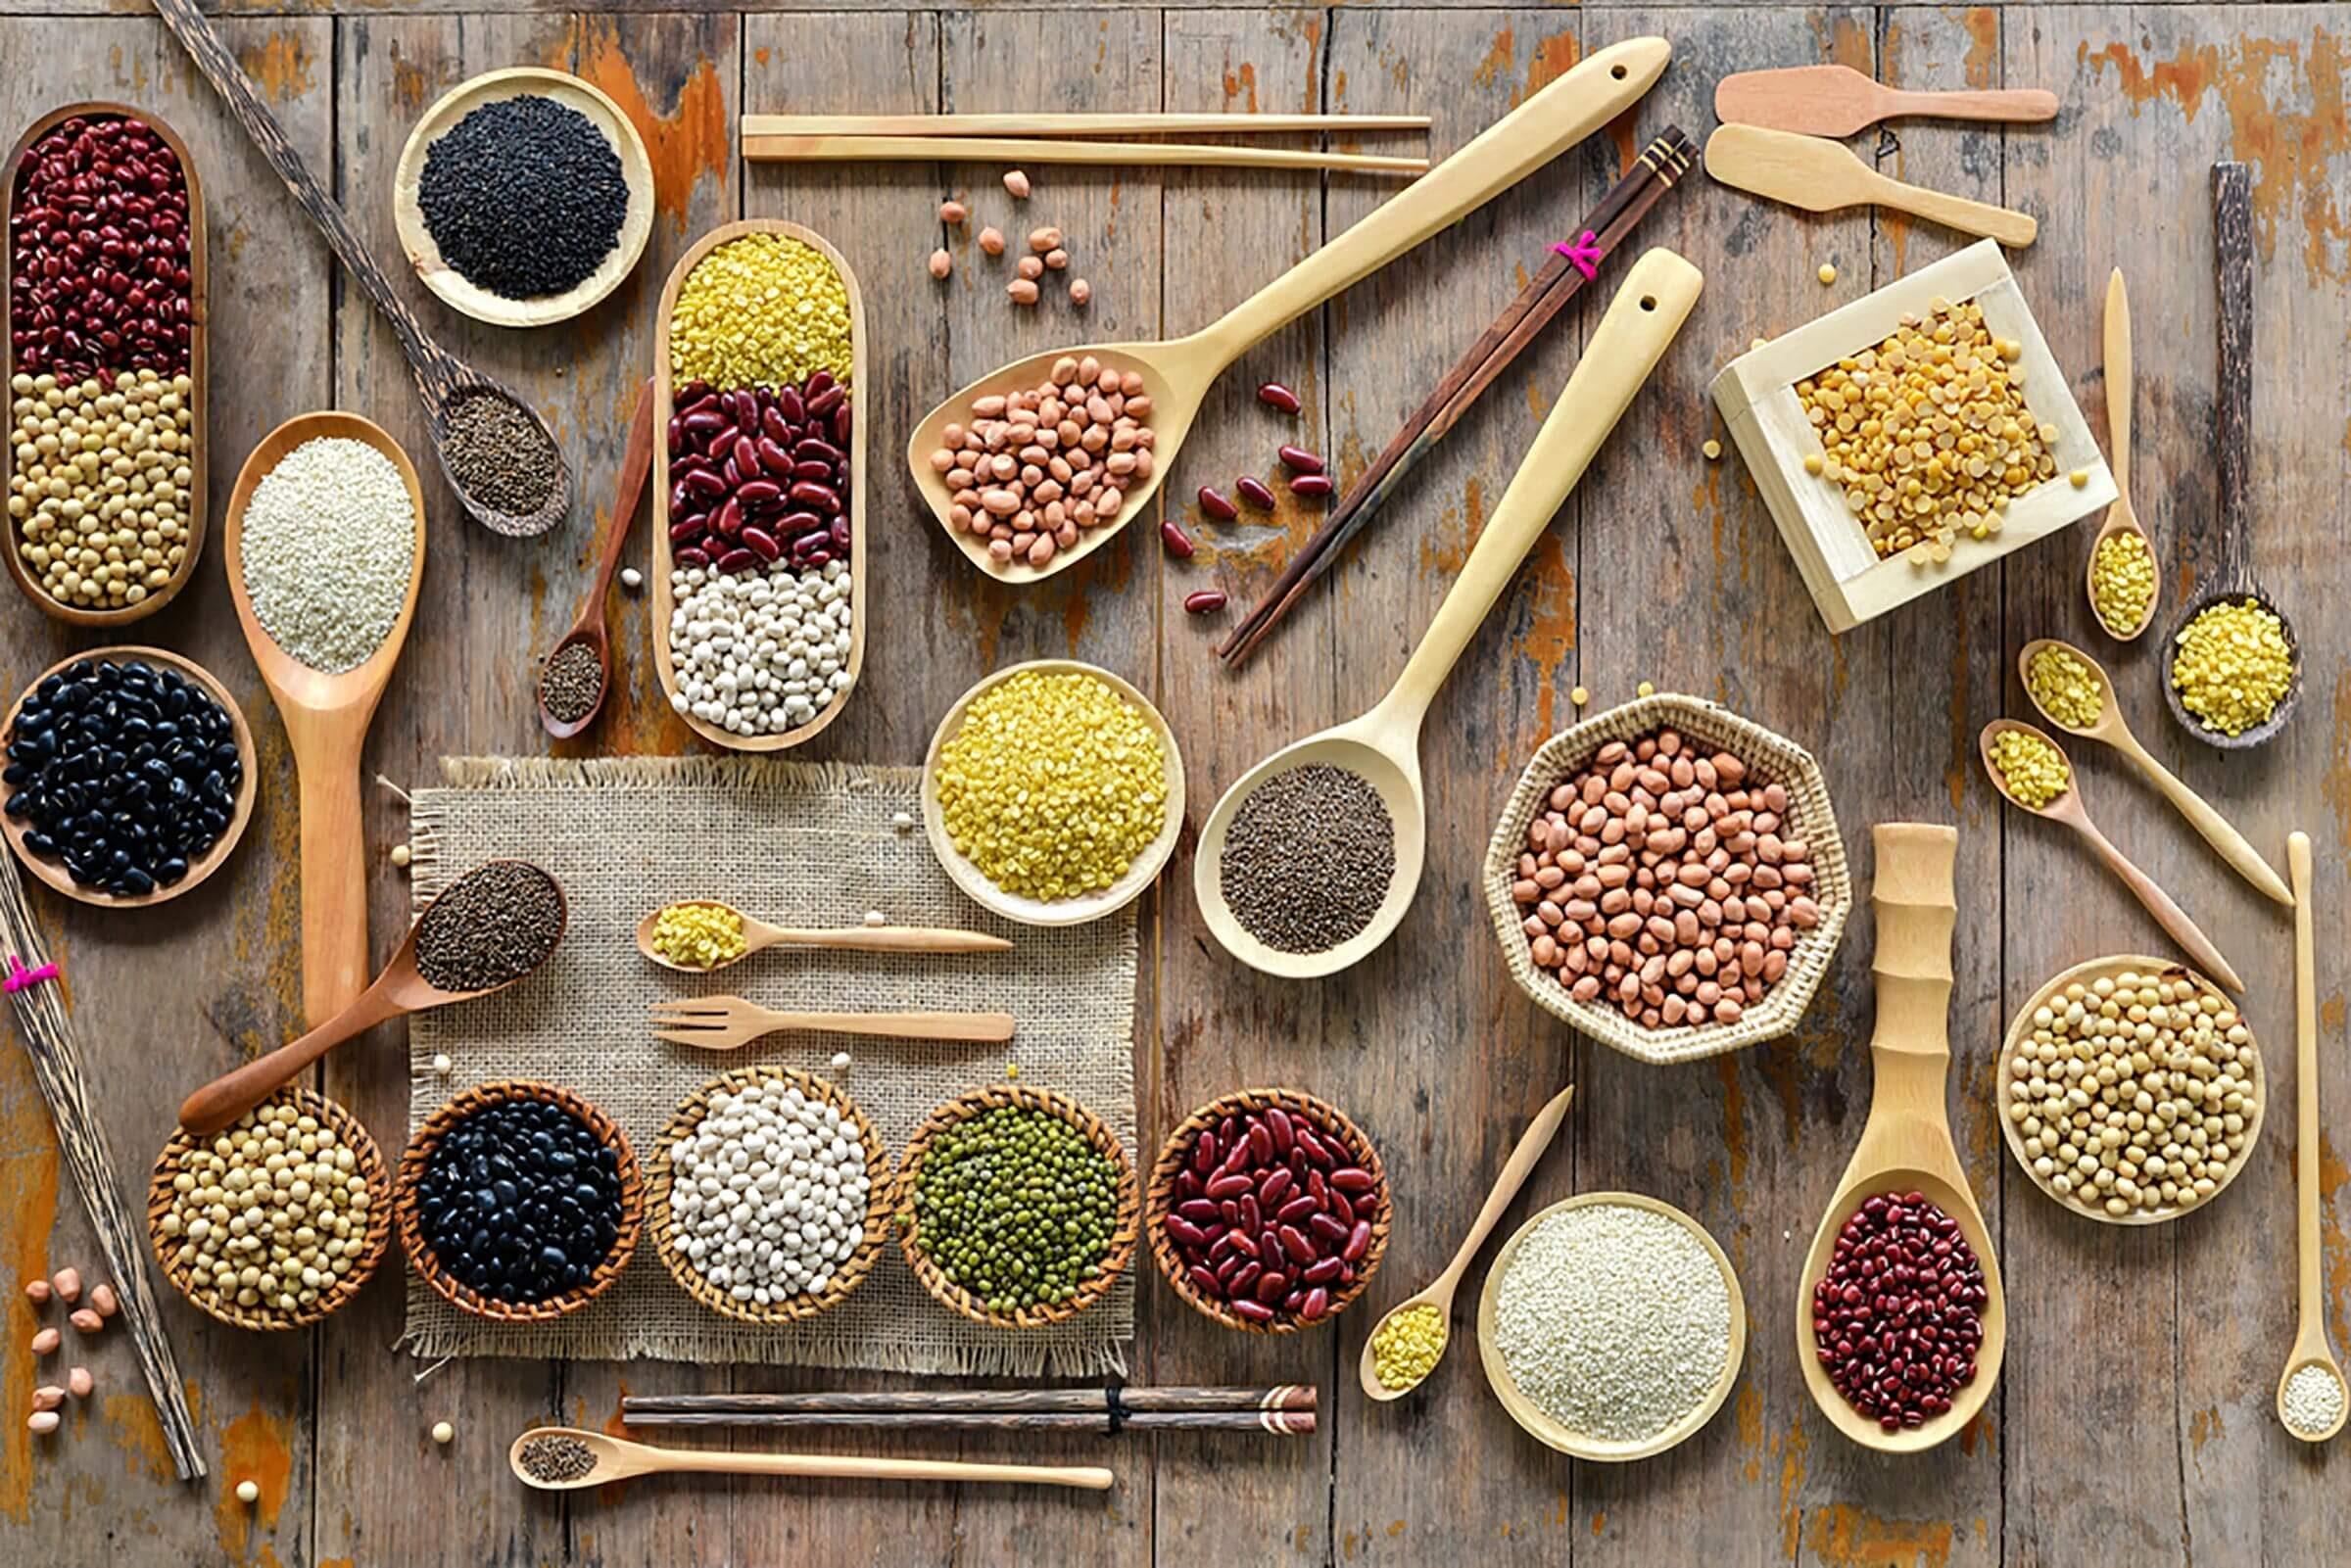 macrobiotic diet meal plan typical day